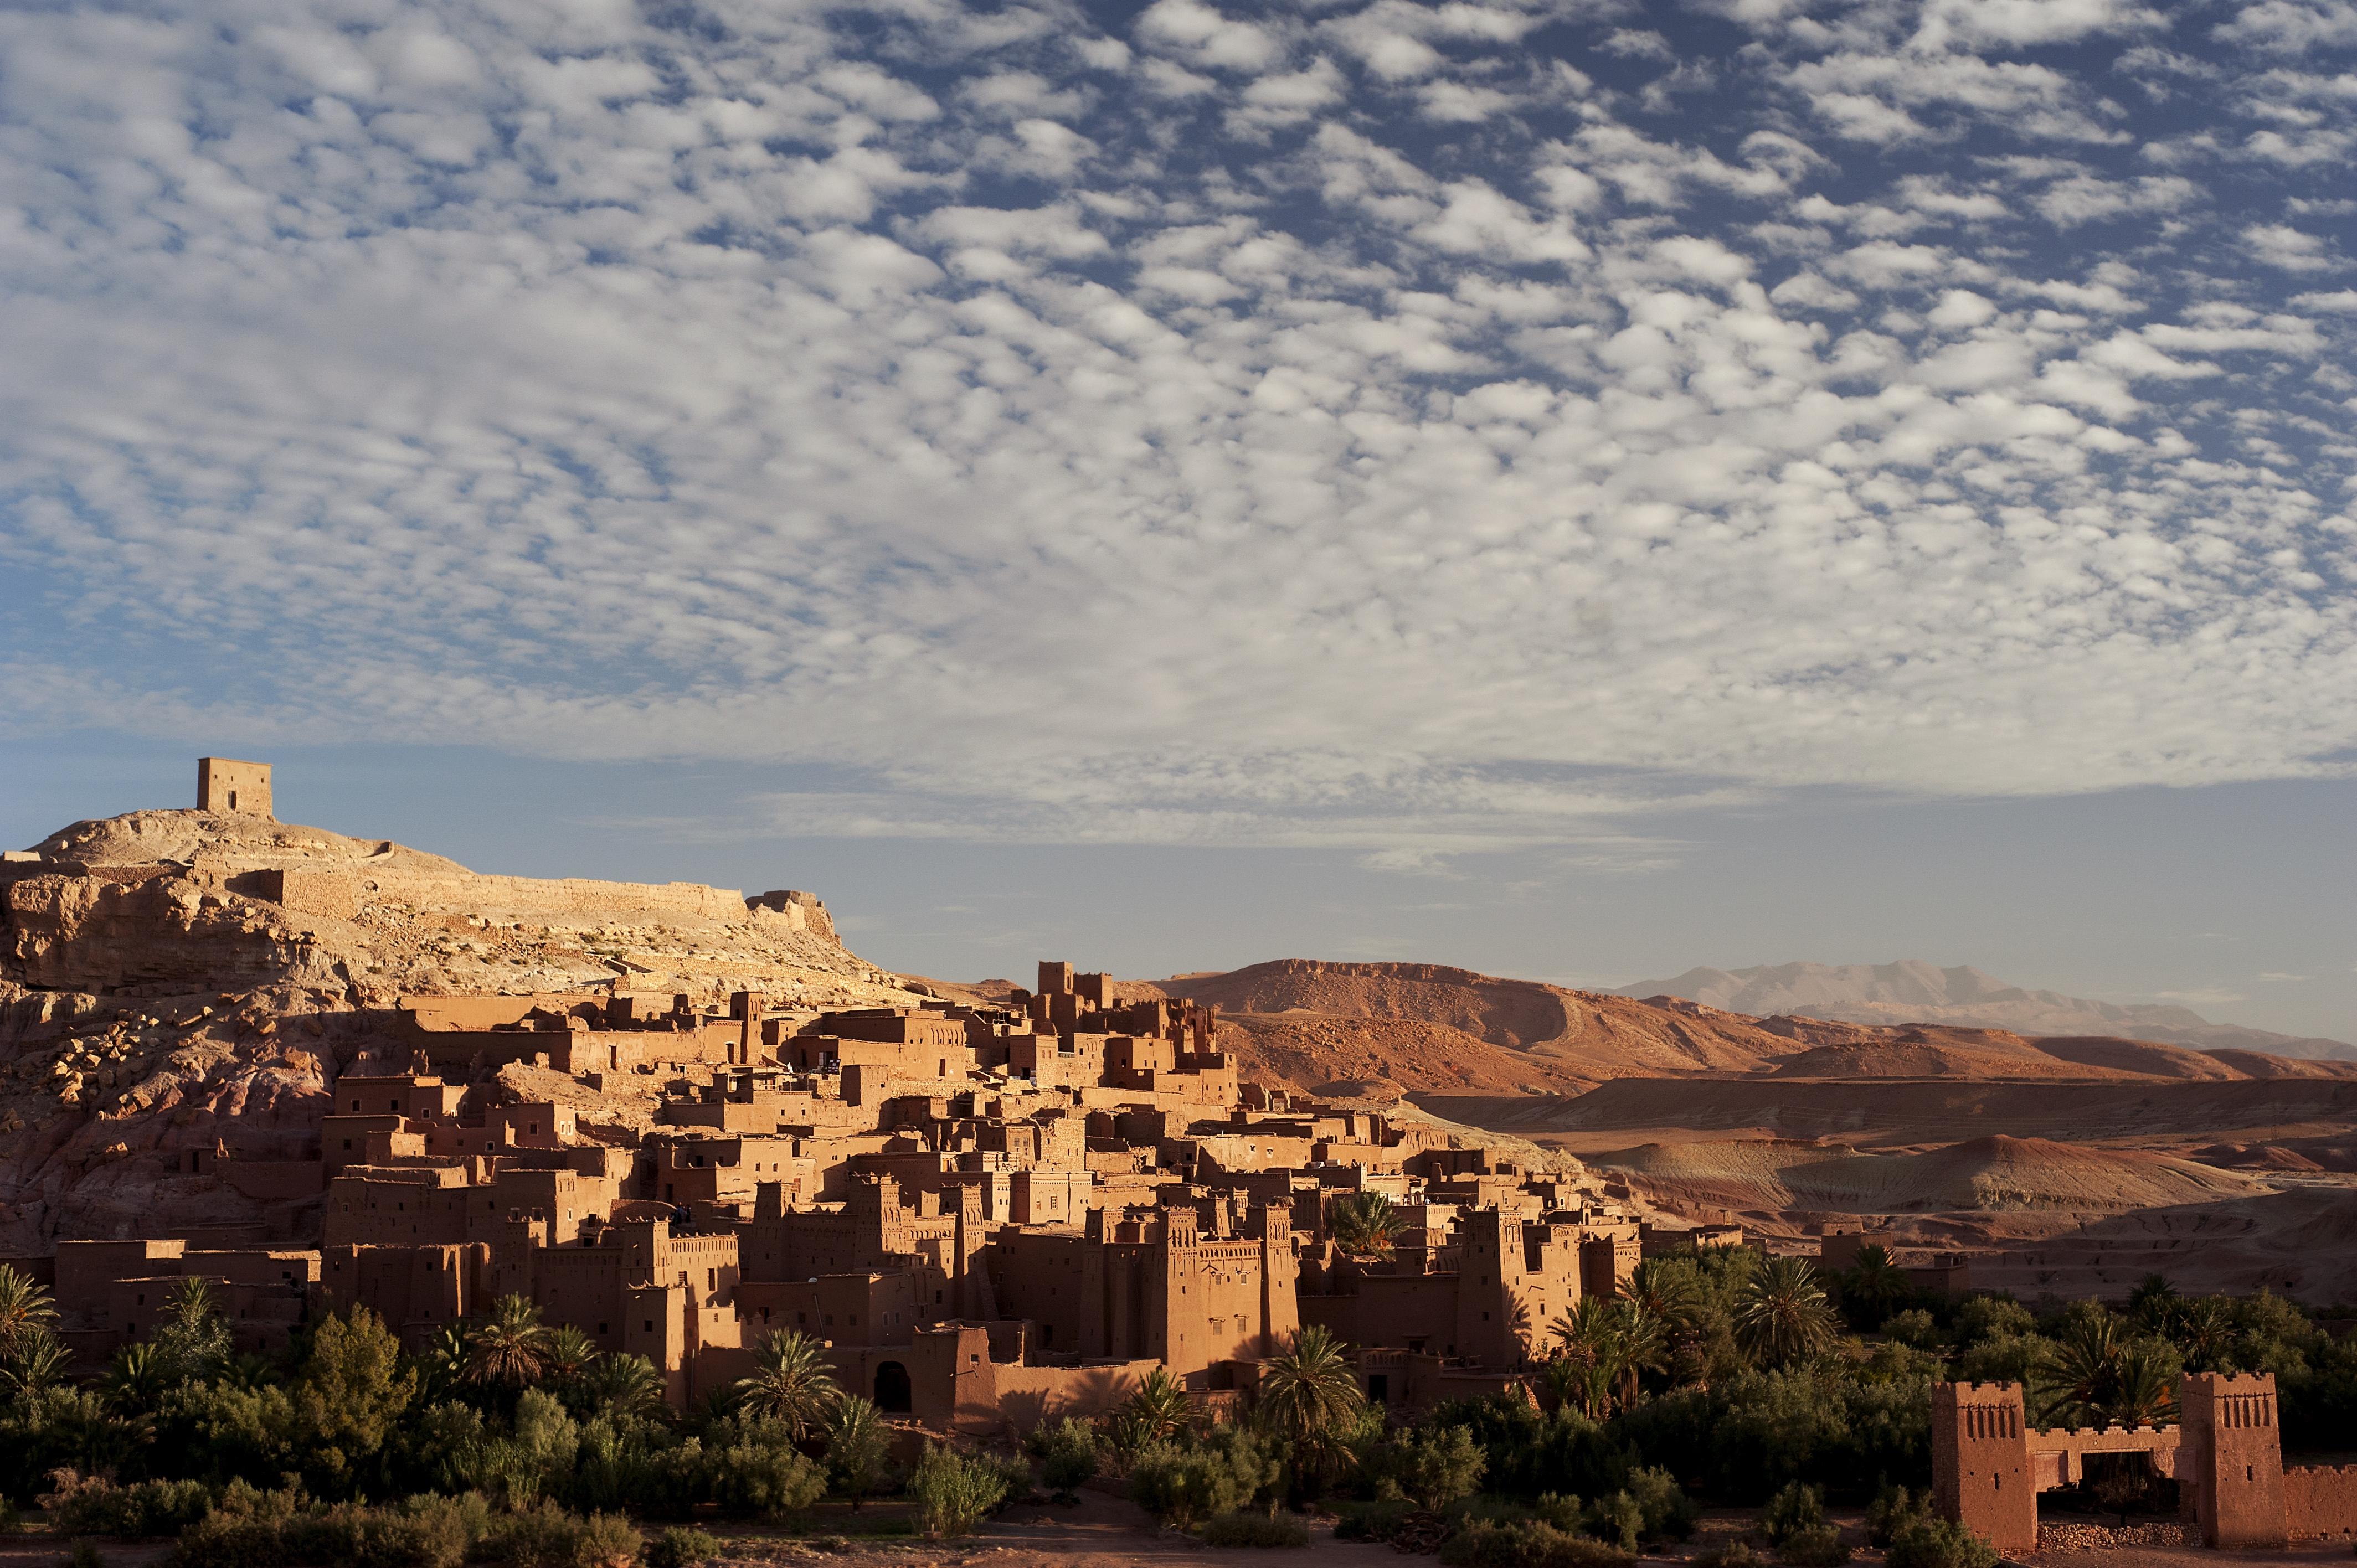 Ait Benhaddou at dawn